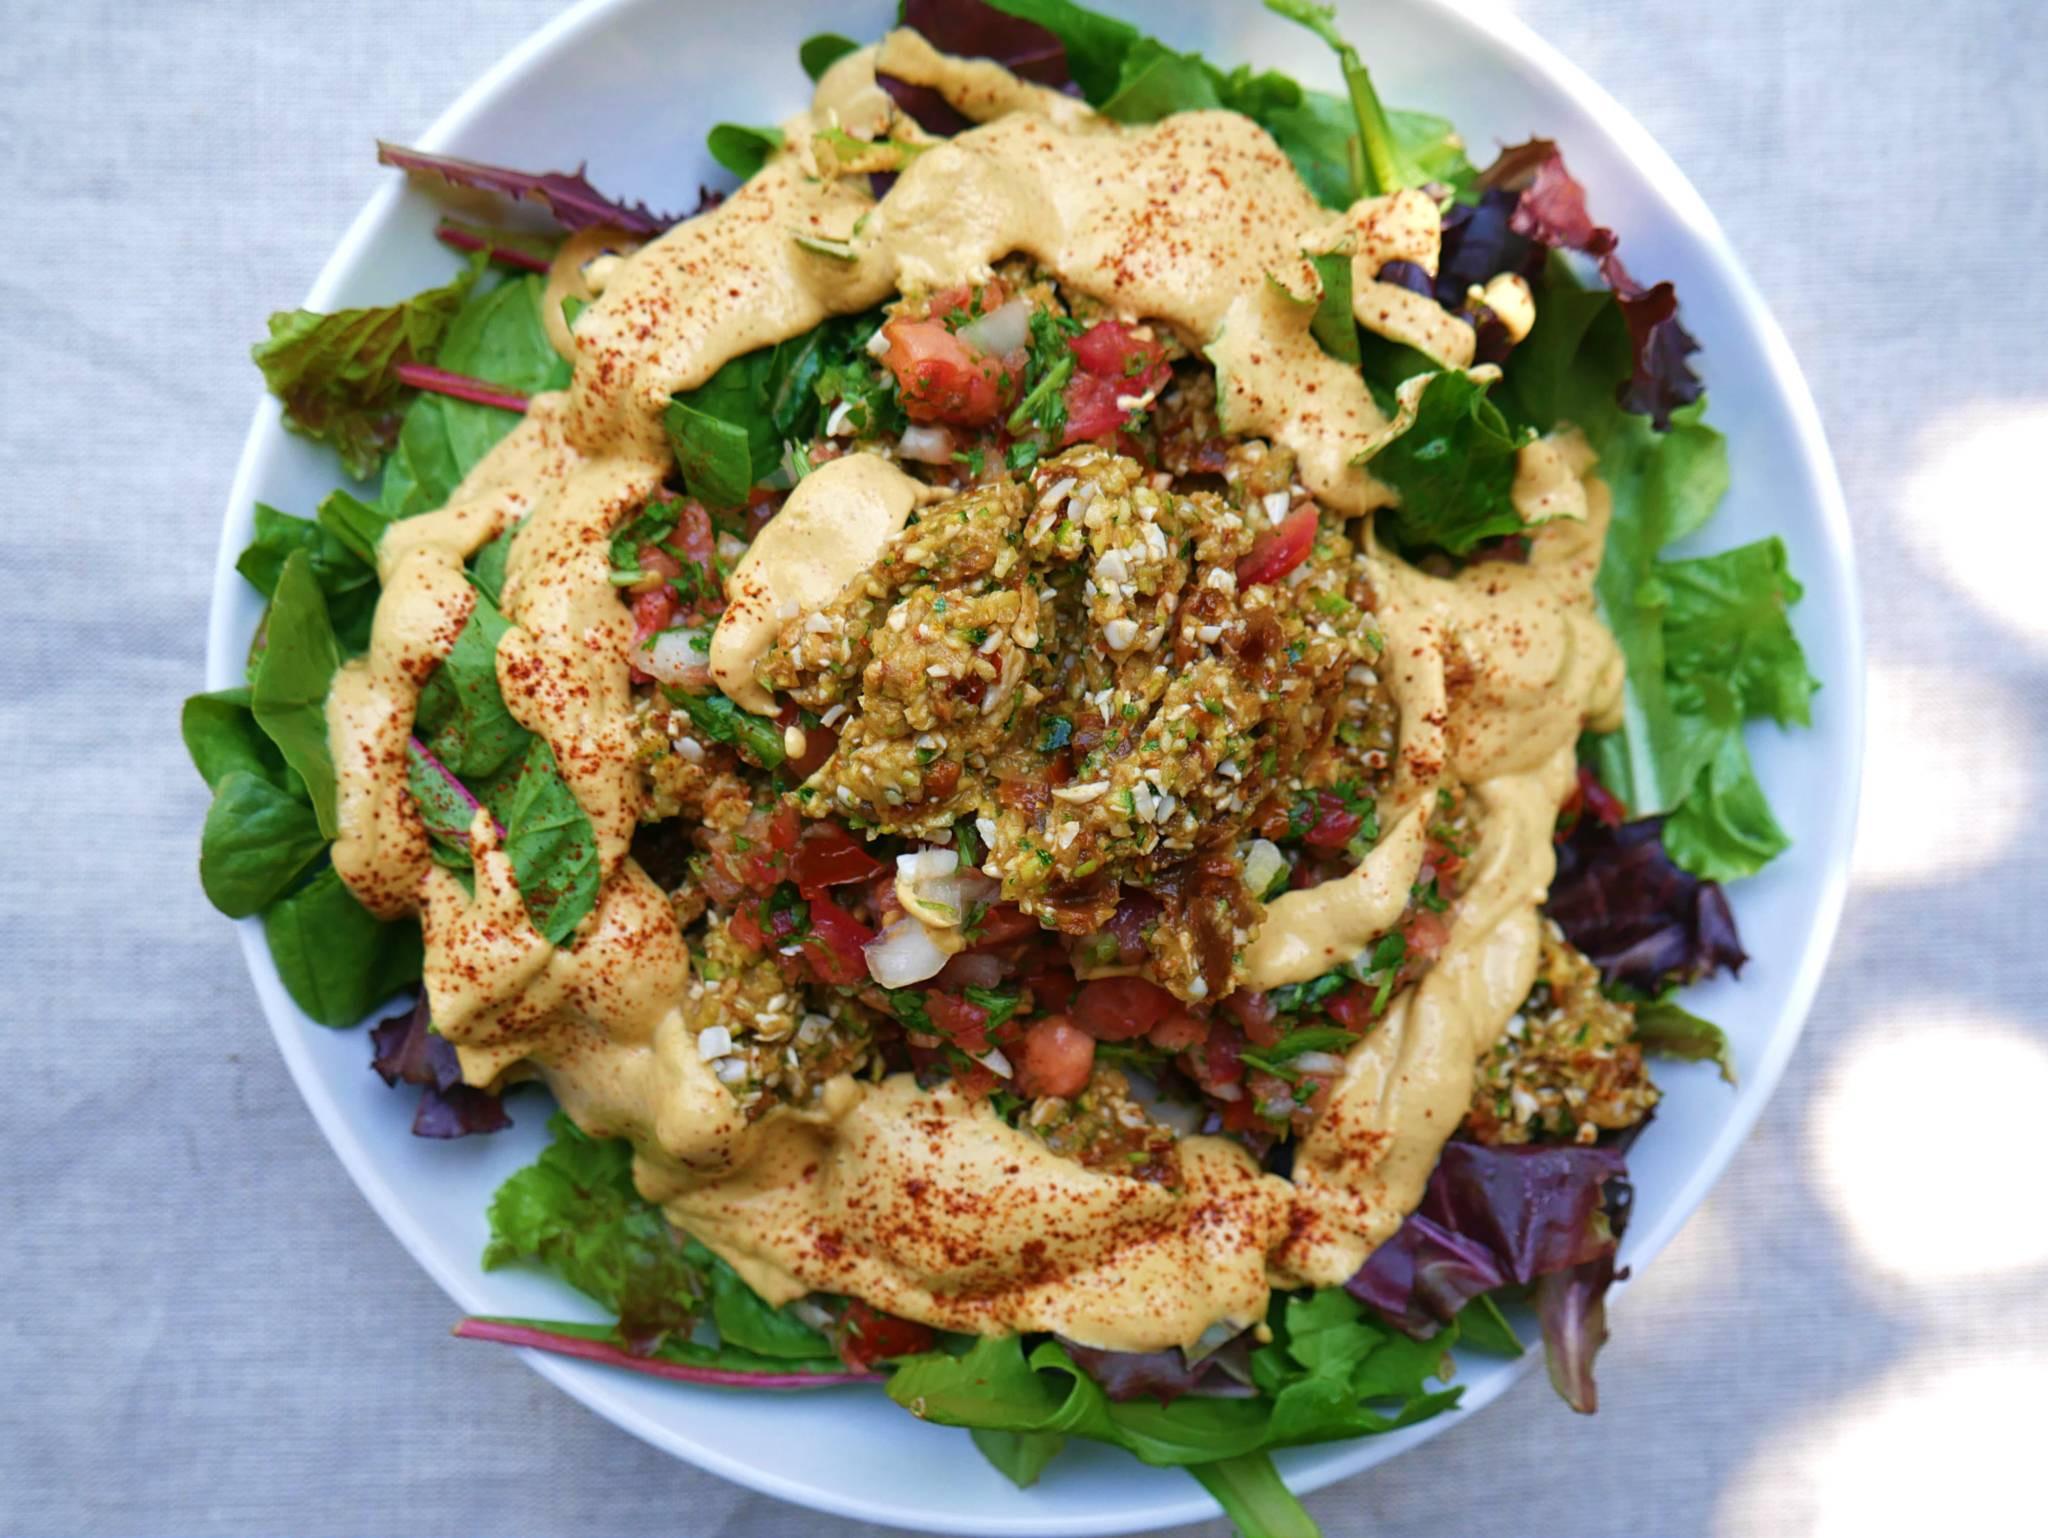 Easy Vegan Dinner  3 Vegan Dinner Recipes Quick Satisfying and Easy Vegan